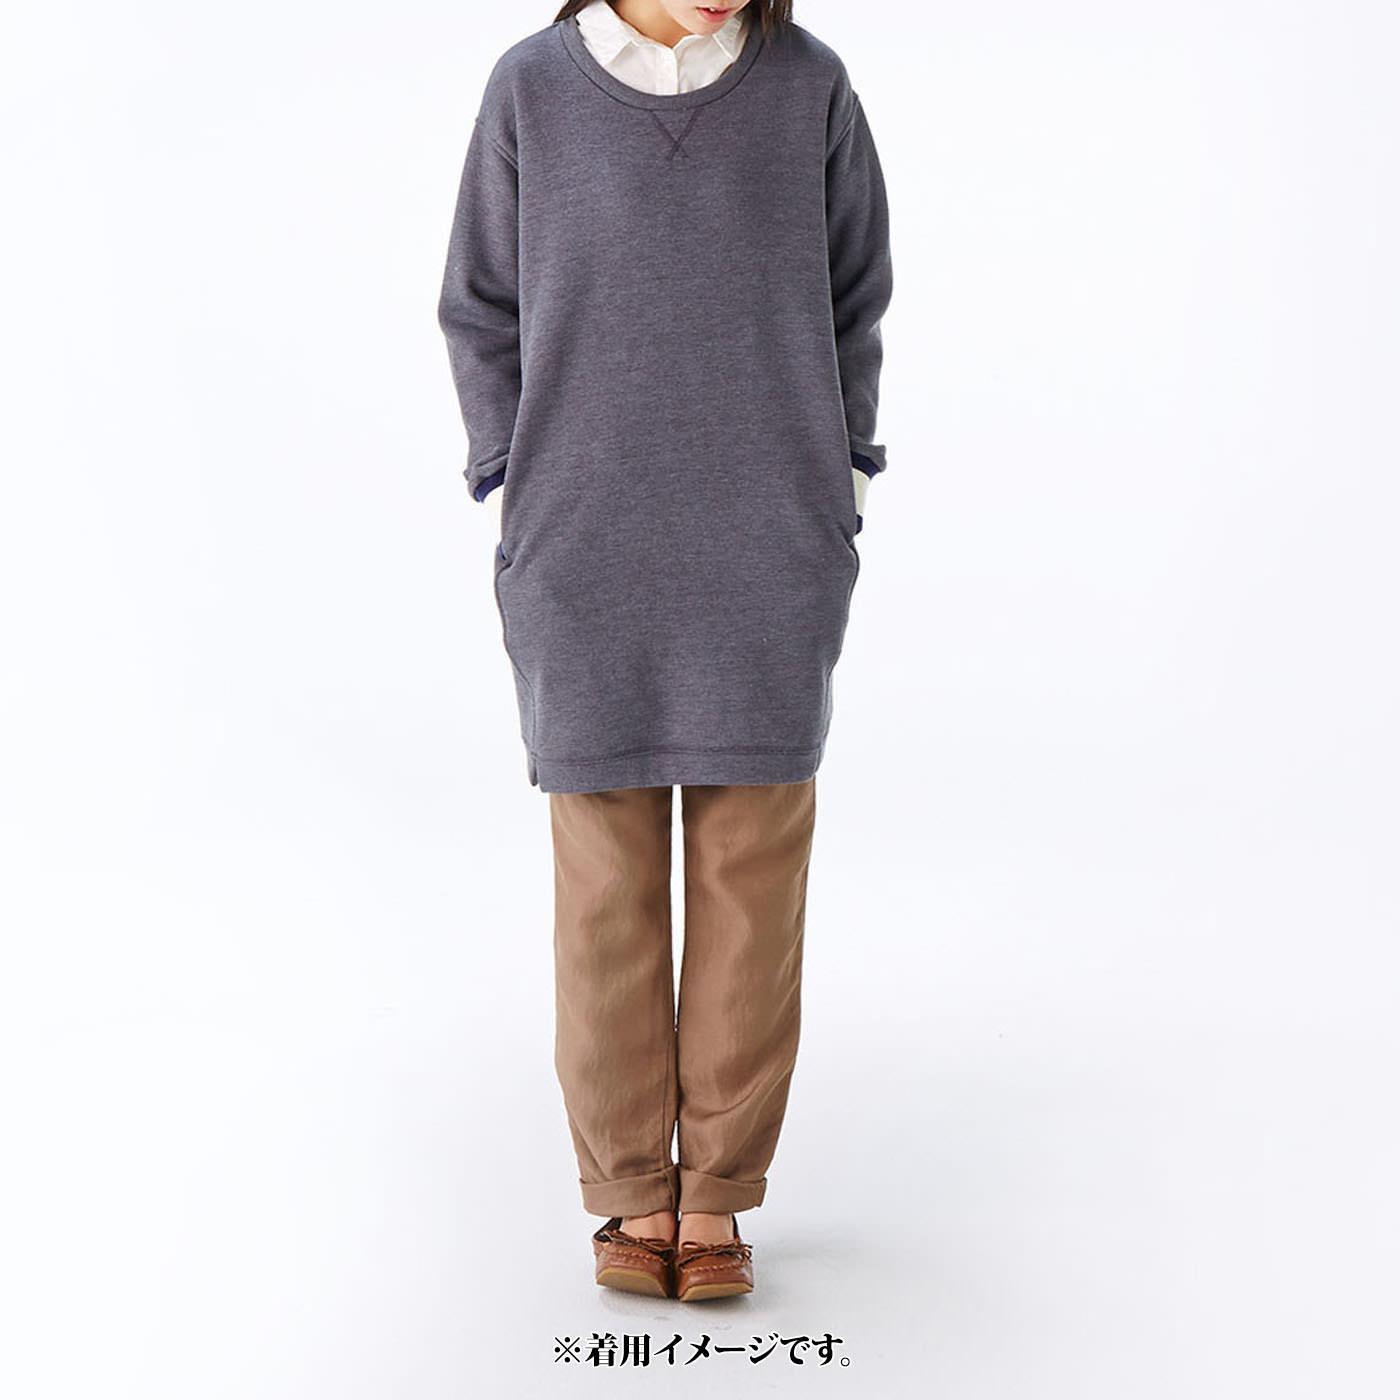 モデル身長約165cm Mサイズ着用 ※お届けするカラーとは異なります。